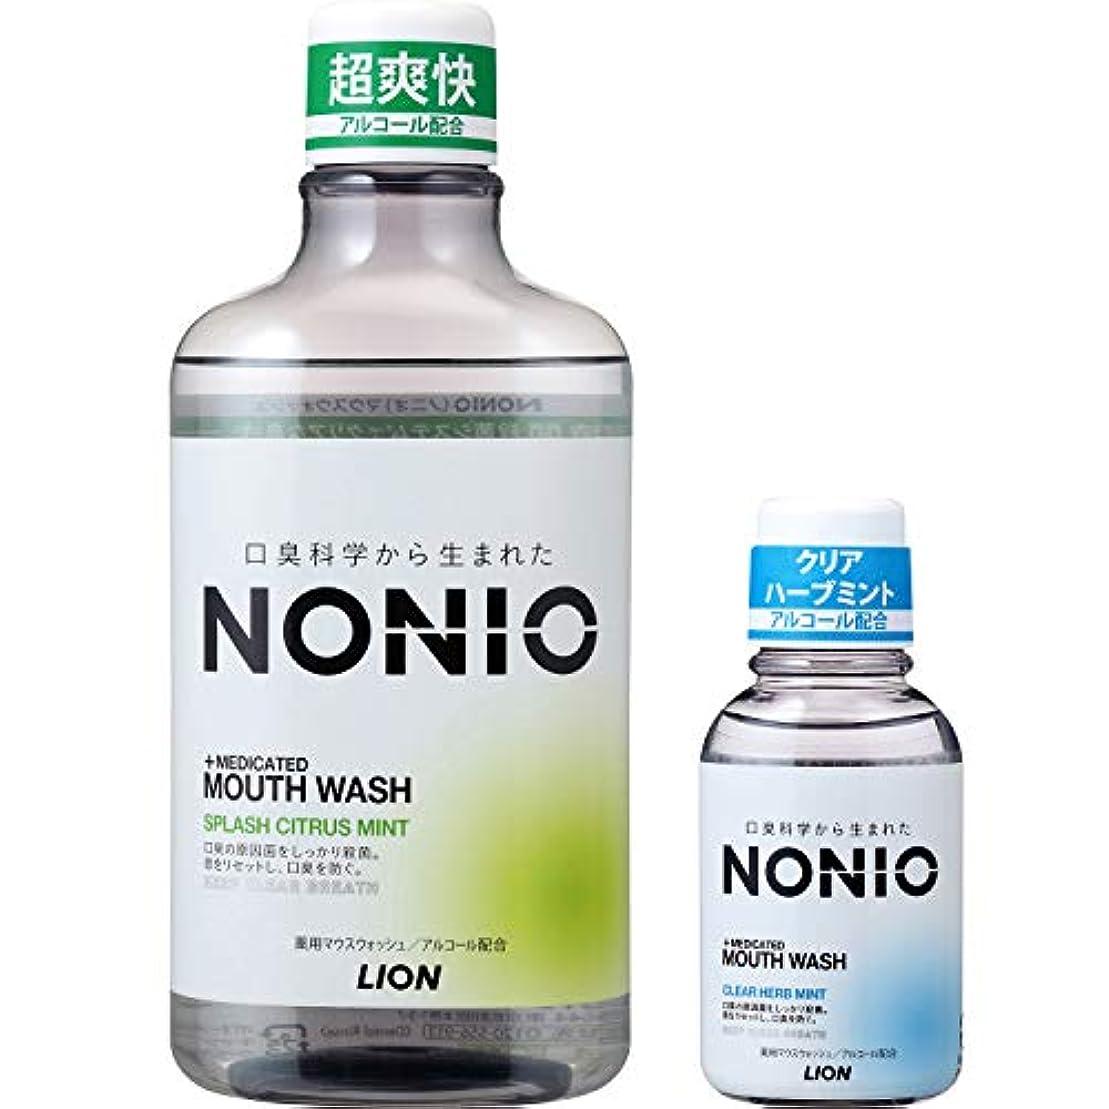 エゴイズムロボット味付け[医薬部外品]NONIO マウスウォッシュ スプラッシュシトラスミント 600ml 洗口液+ミニリンス80ml